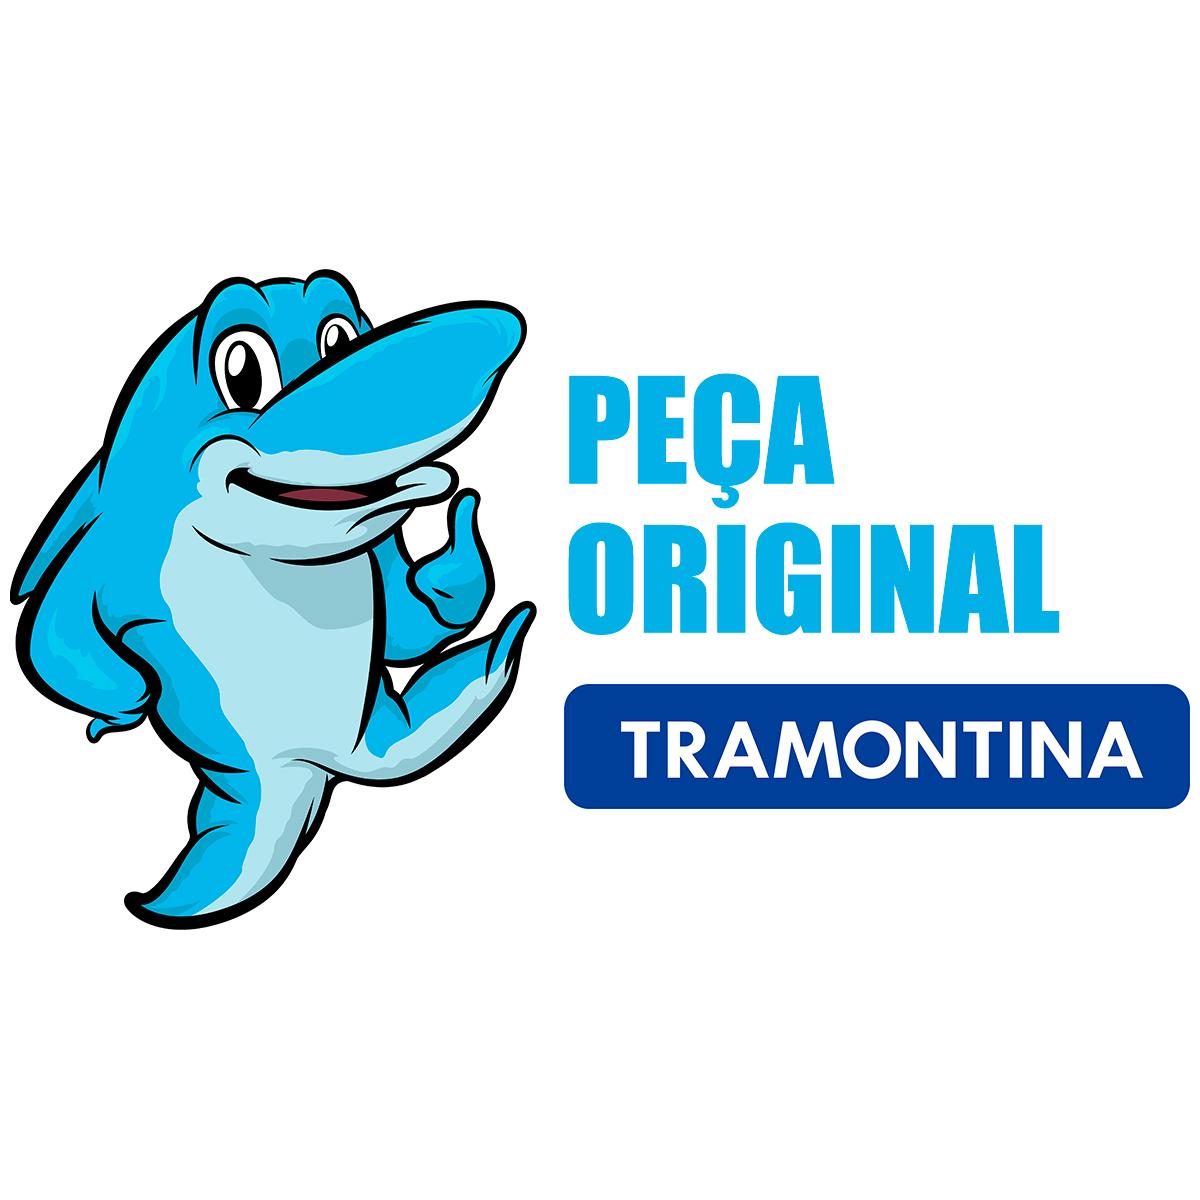 Kit Válvulas de Saída para Lavadora Tramontina 2100psi 2000w 3pcs Original